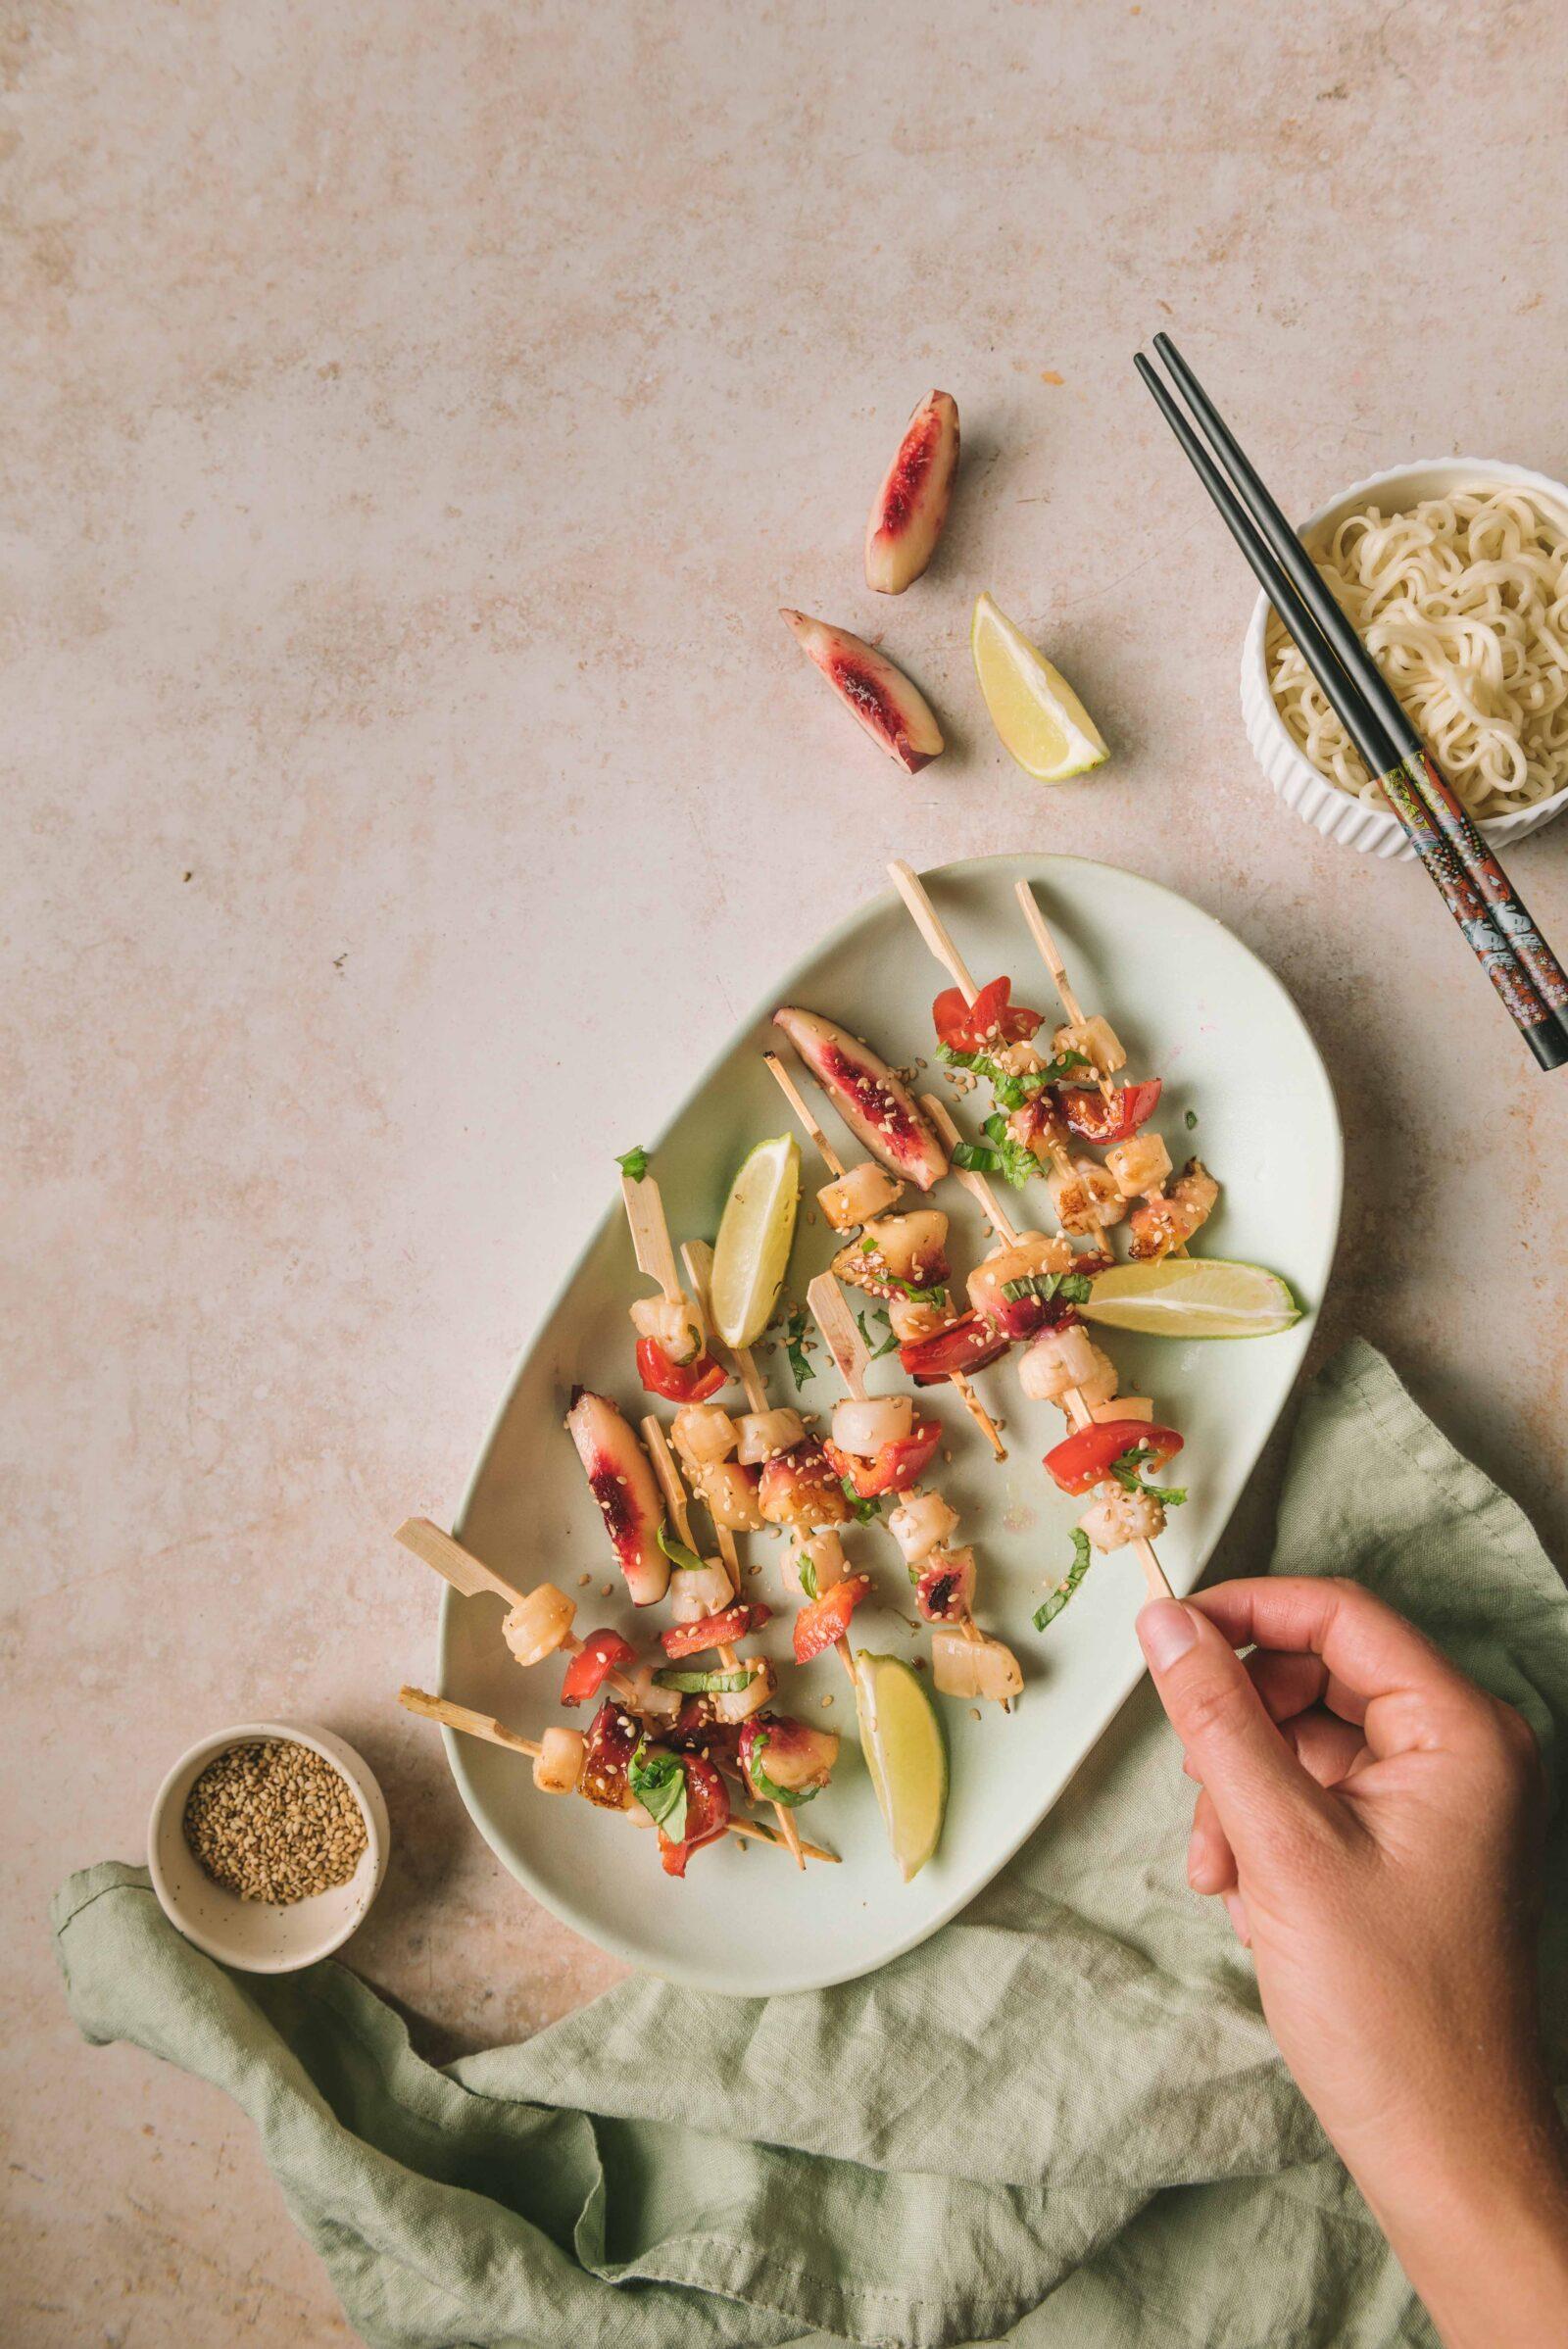 Une recette sucré/salé d'inspiration asiatique à base de Saint-Jacques, poivron et pêches. Faciles à réaliser, ces brochettes épatent et surprennent.